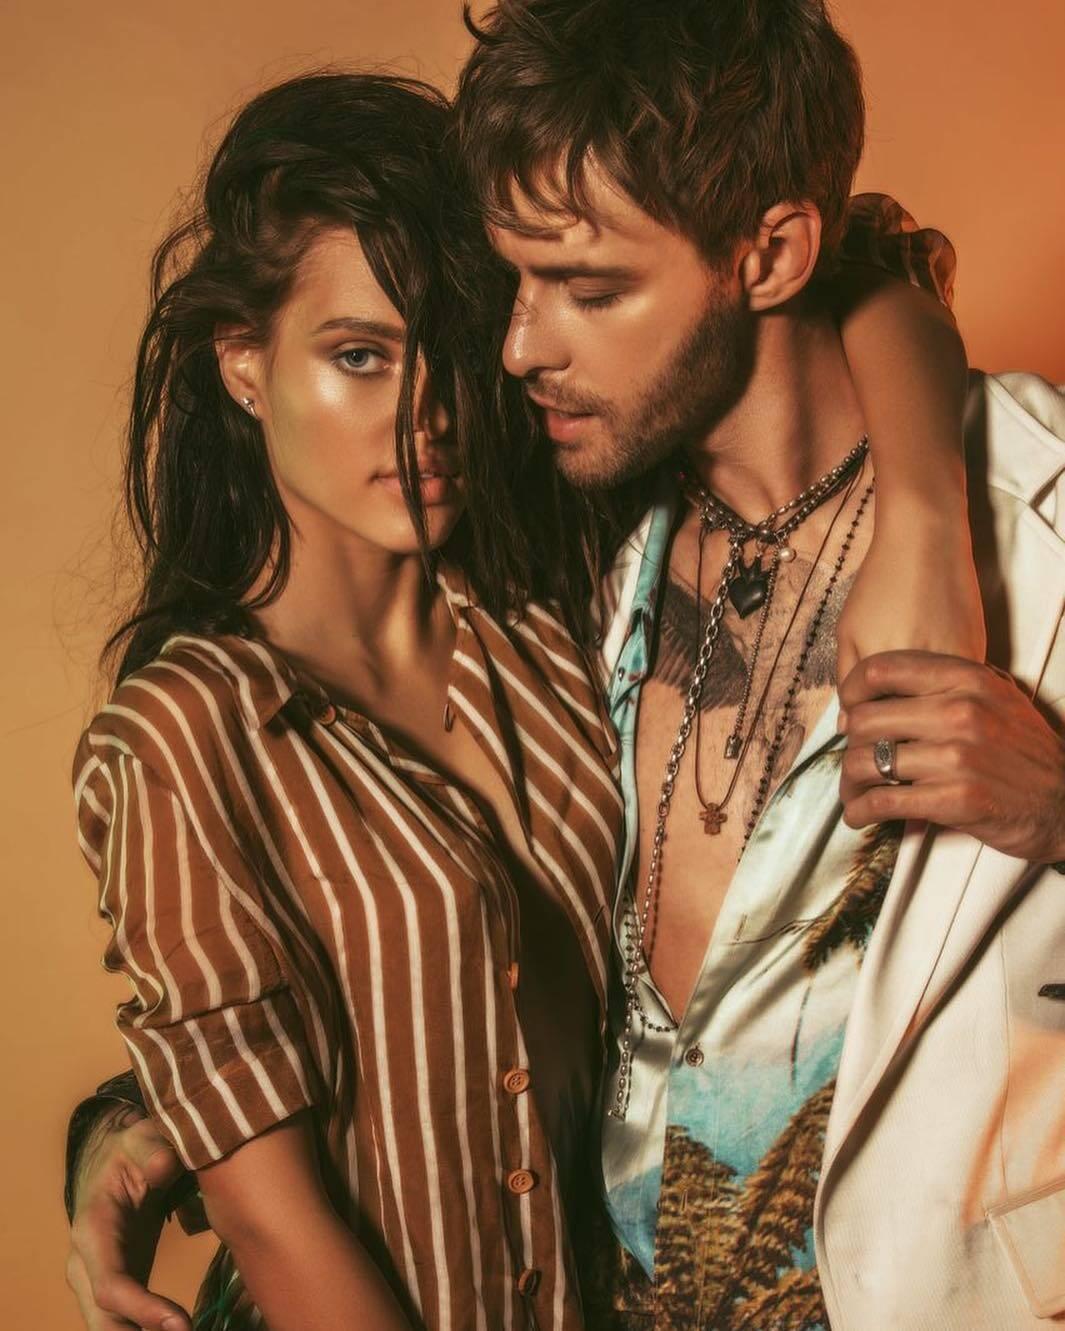 Макс Барских и Кристина снялись в соблазнительной фотосессии